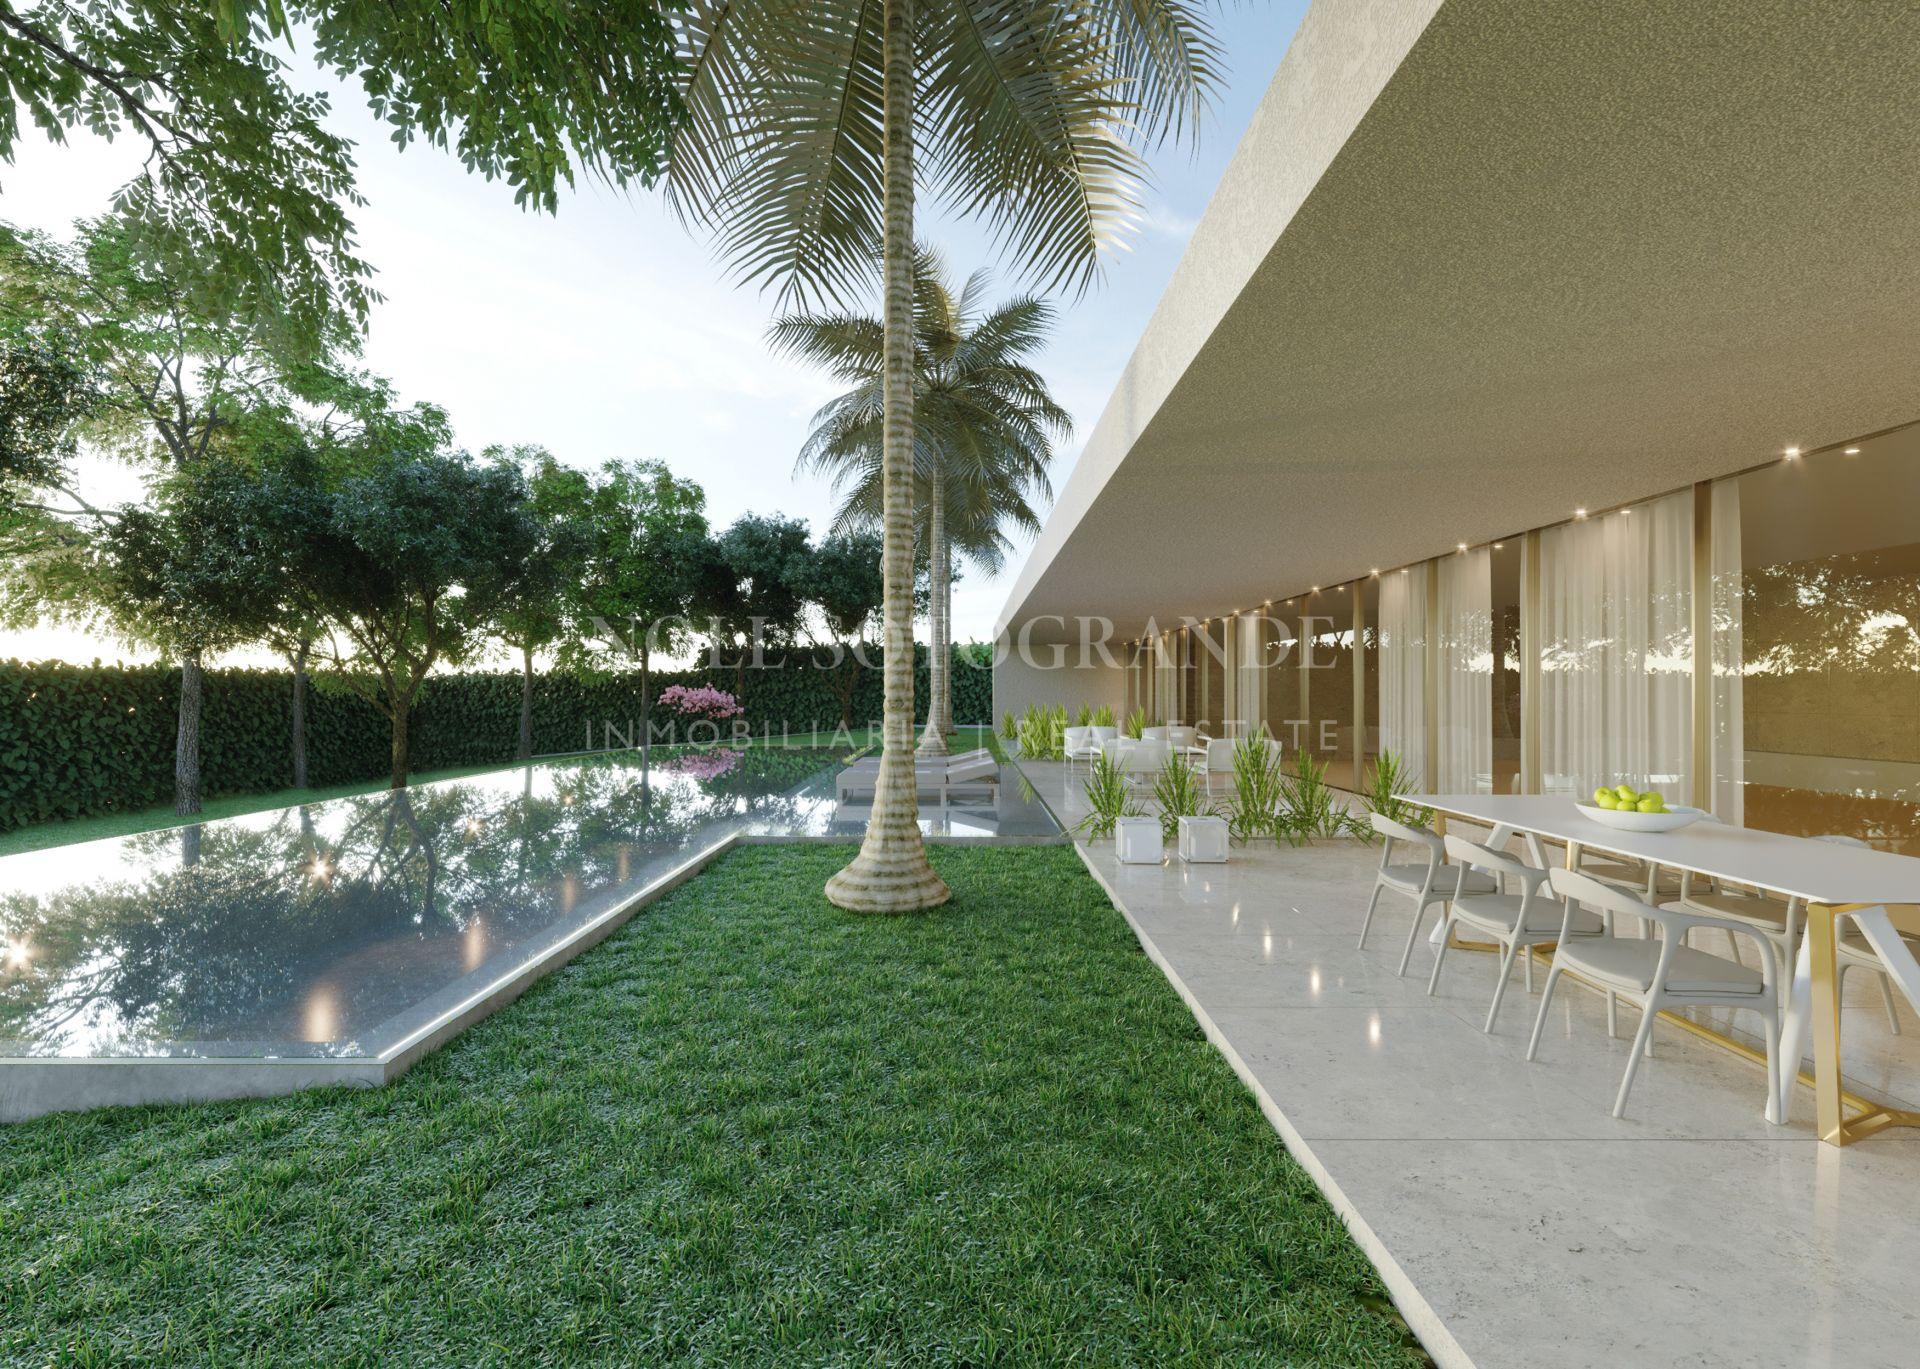 Luxury Gardens-Contemporary Villa Sotogrande Los Altos de Valderrama